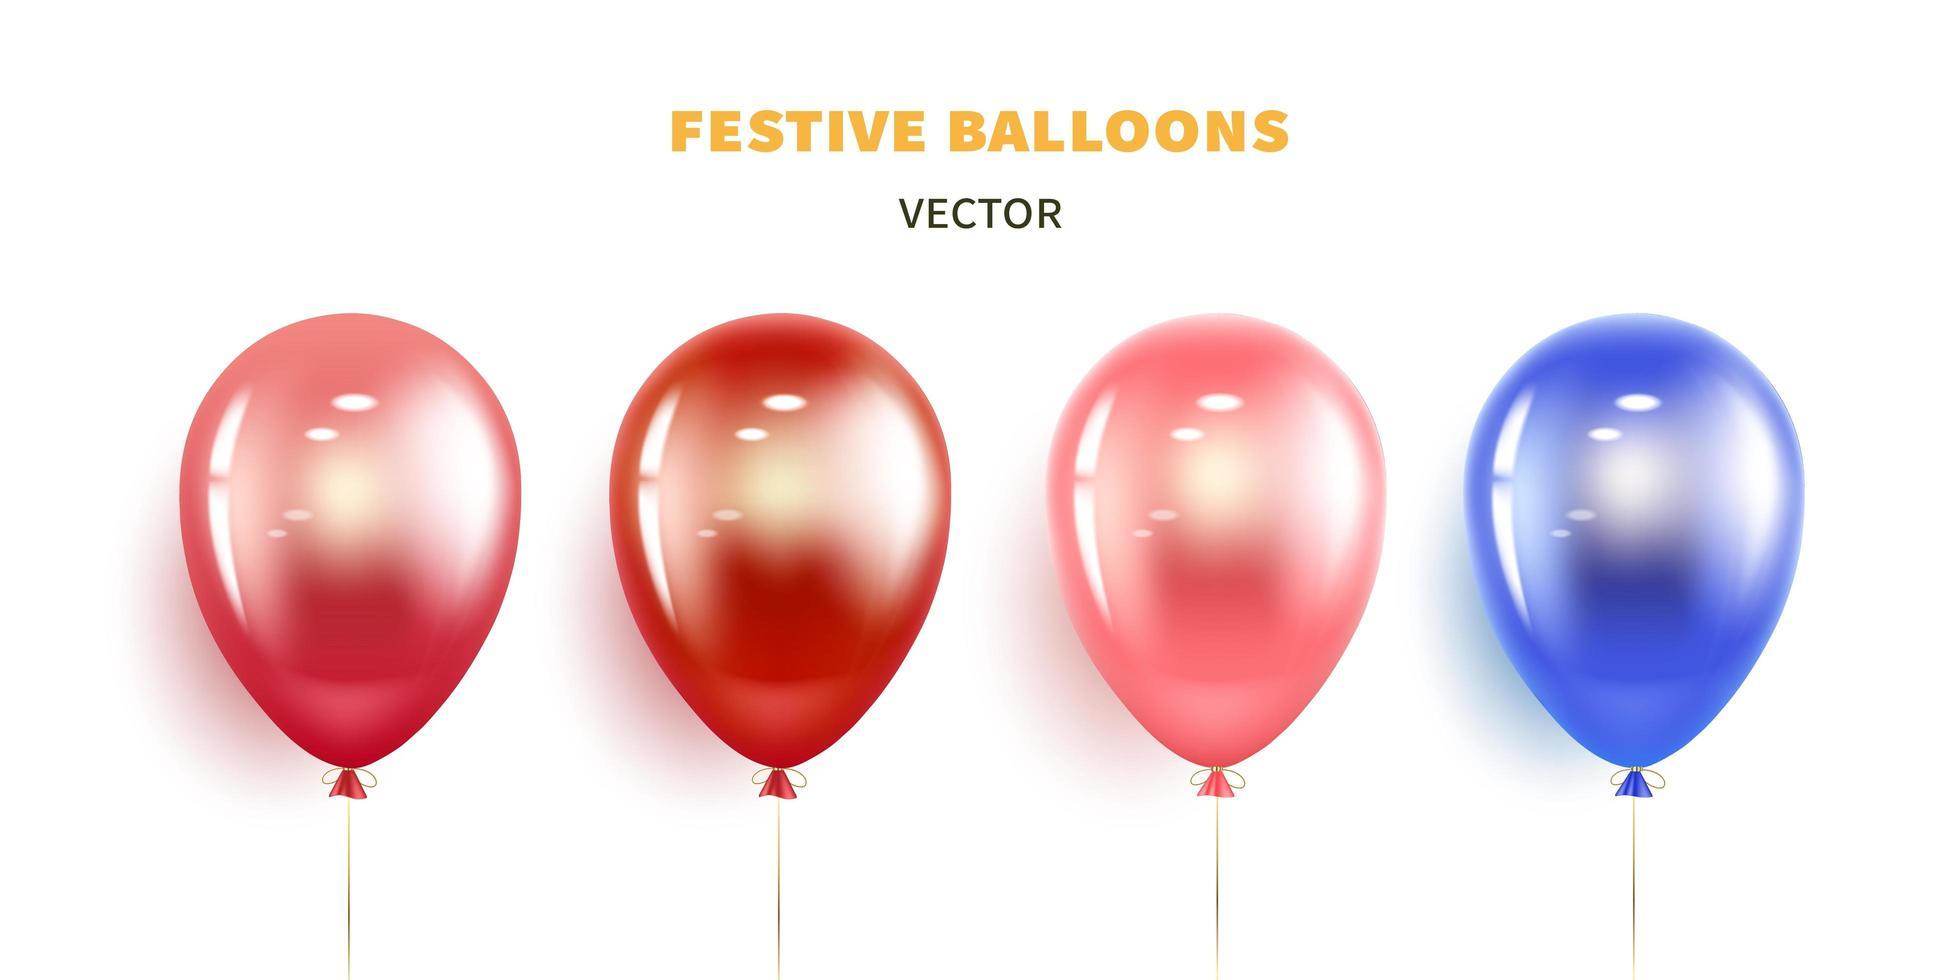 jeu de ballons de fête vecteur